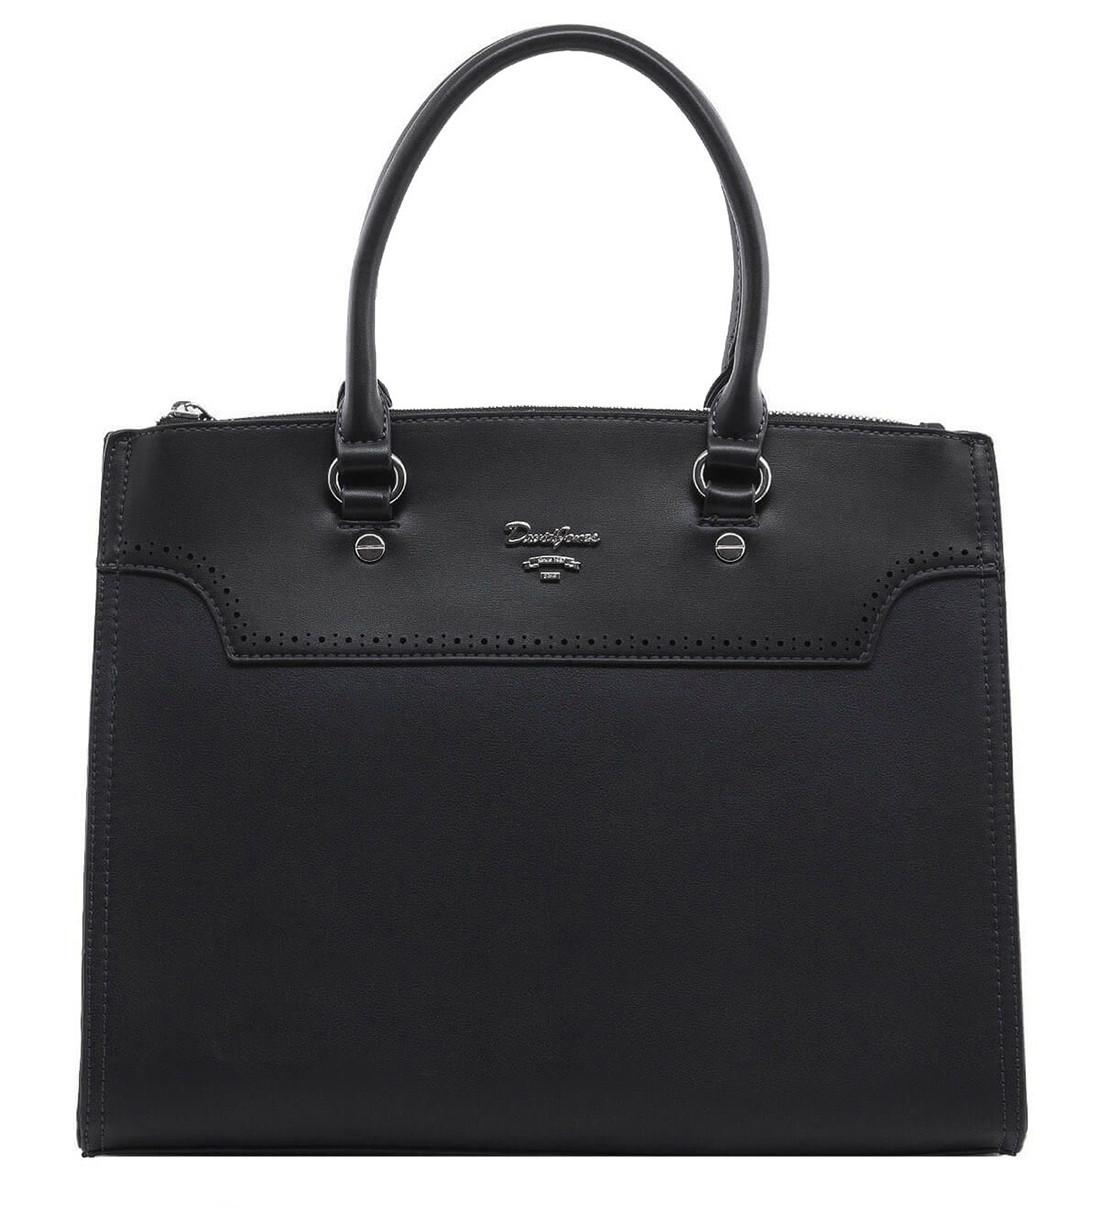 Женска сумка David Jones 28 x 32 x 10 см Черный (djcm5030/1)